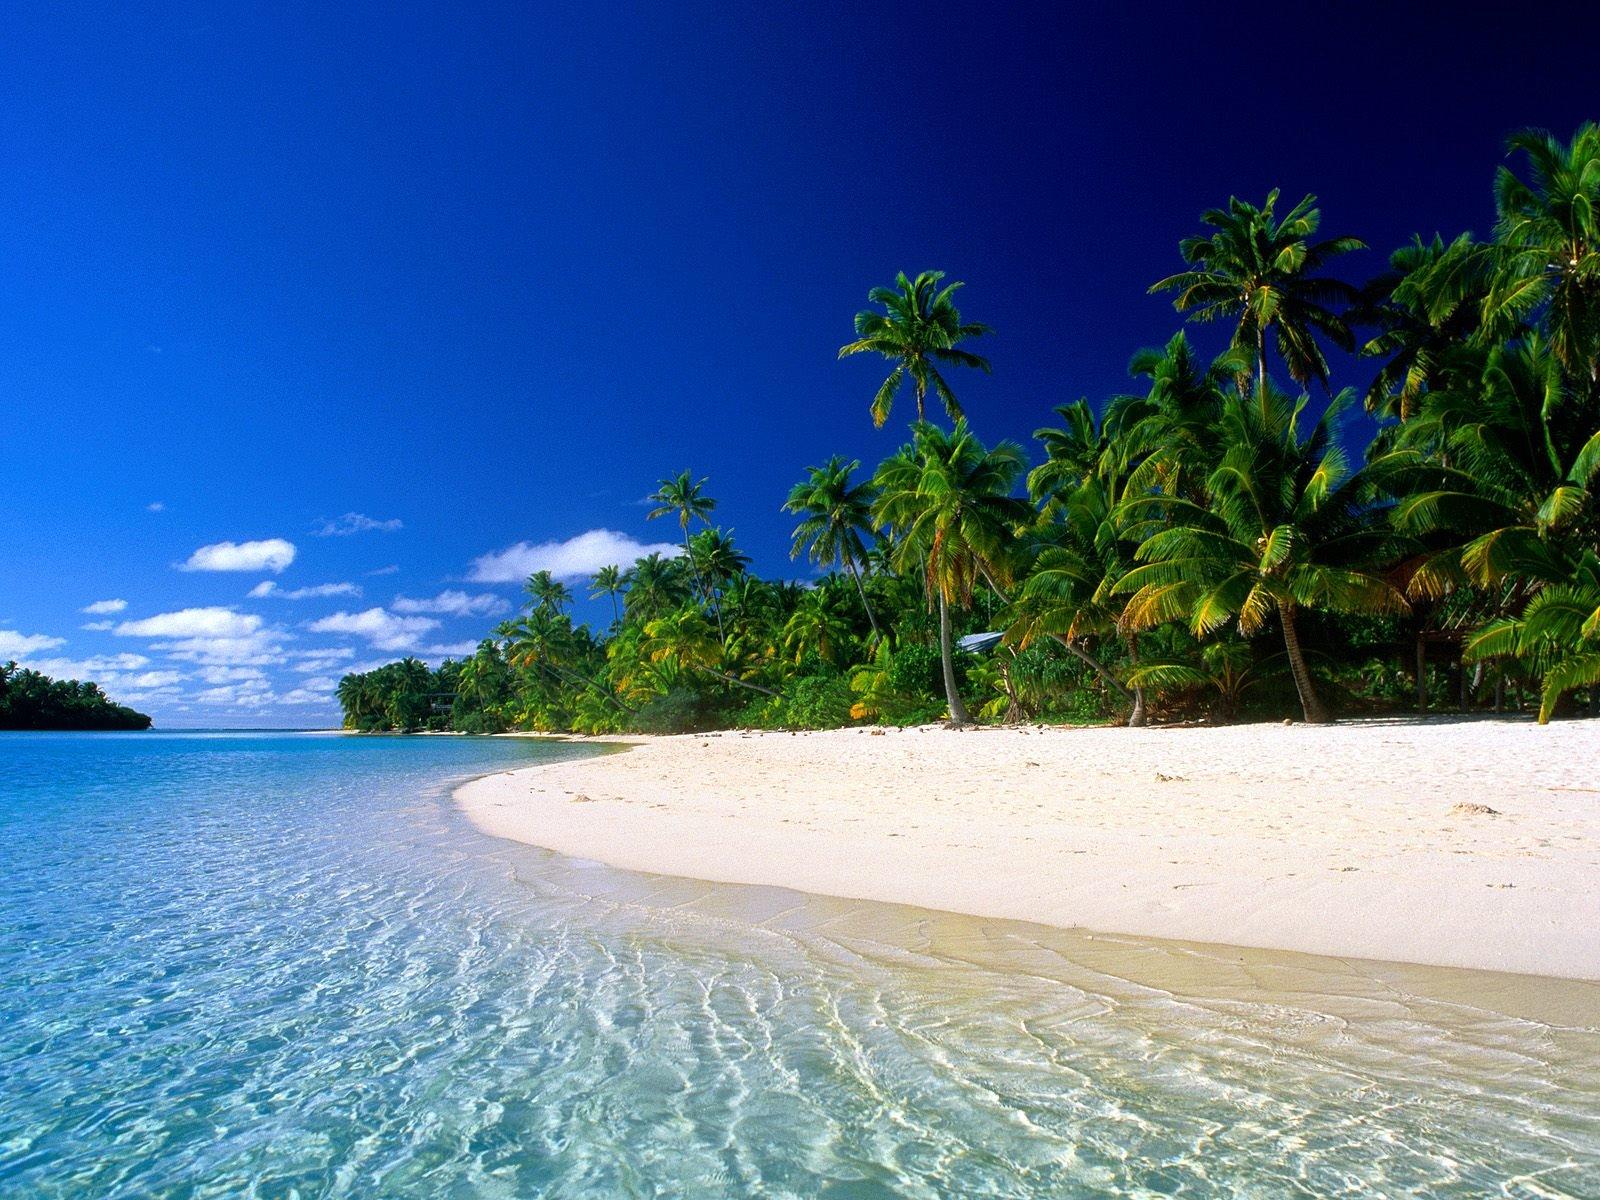 http://playascalas.com/wp-content/2014/08/Fotos-playas-paradisiacas2.jpg